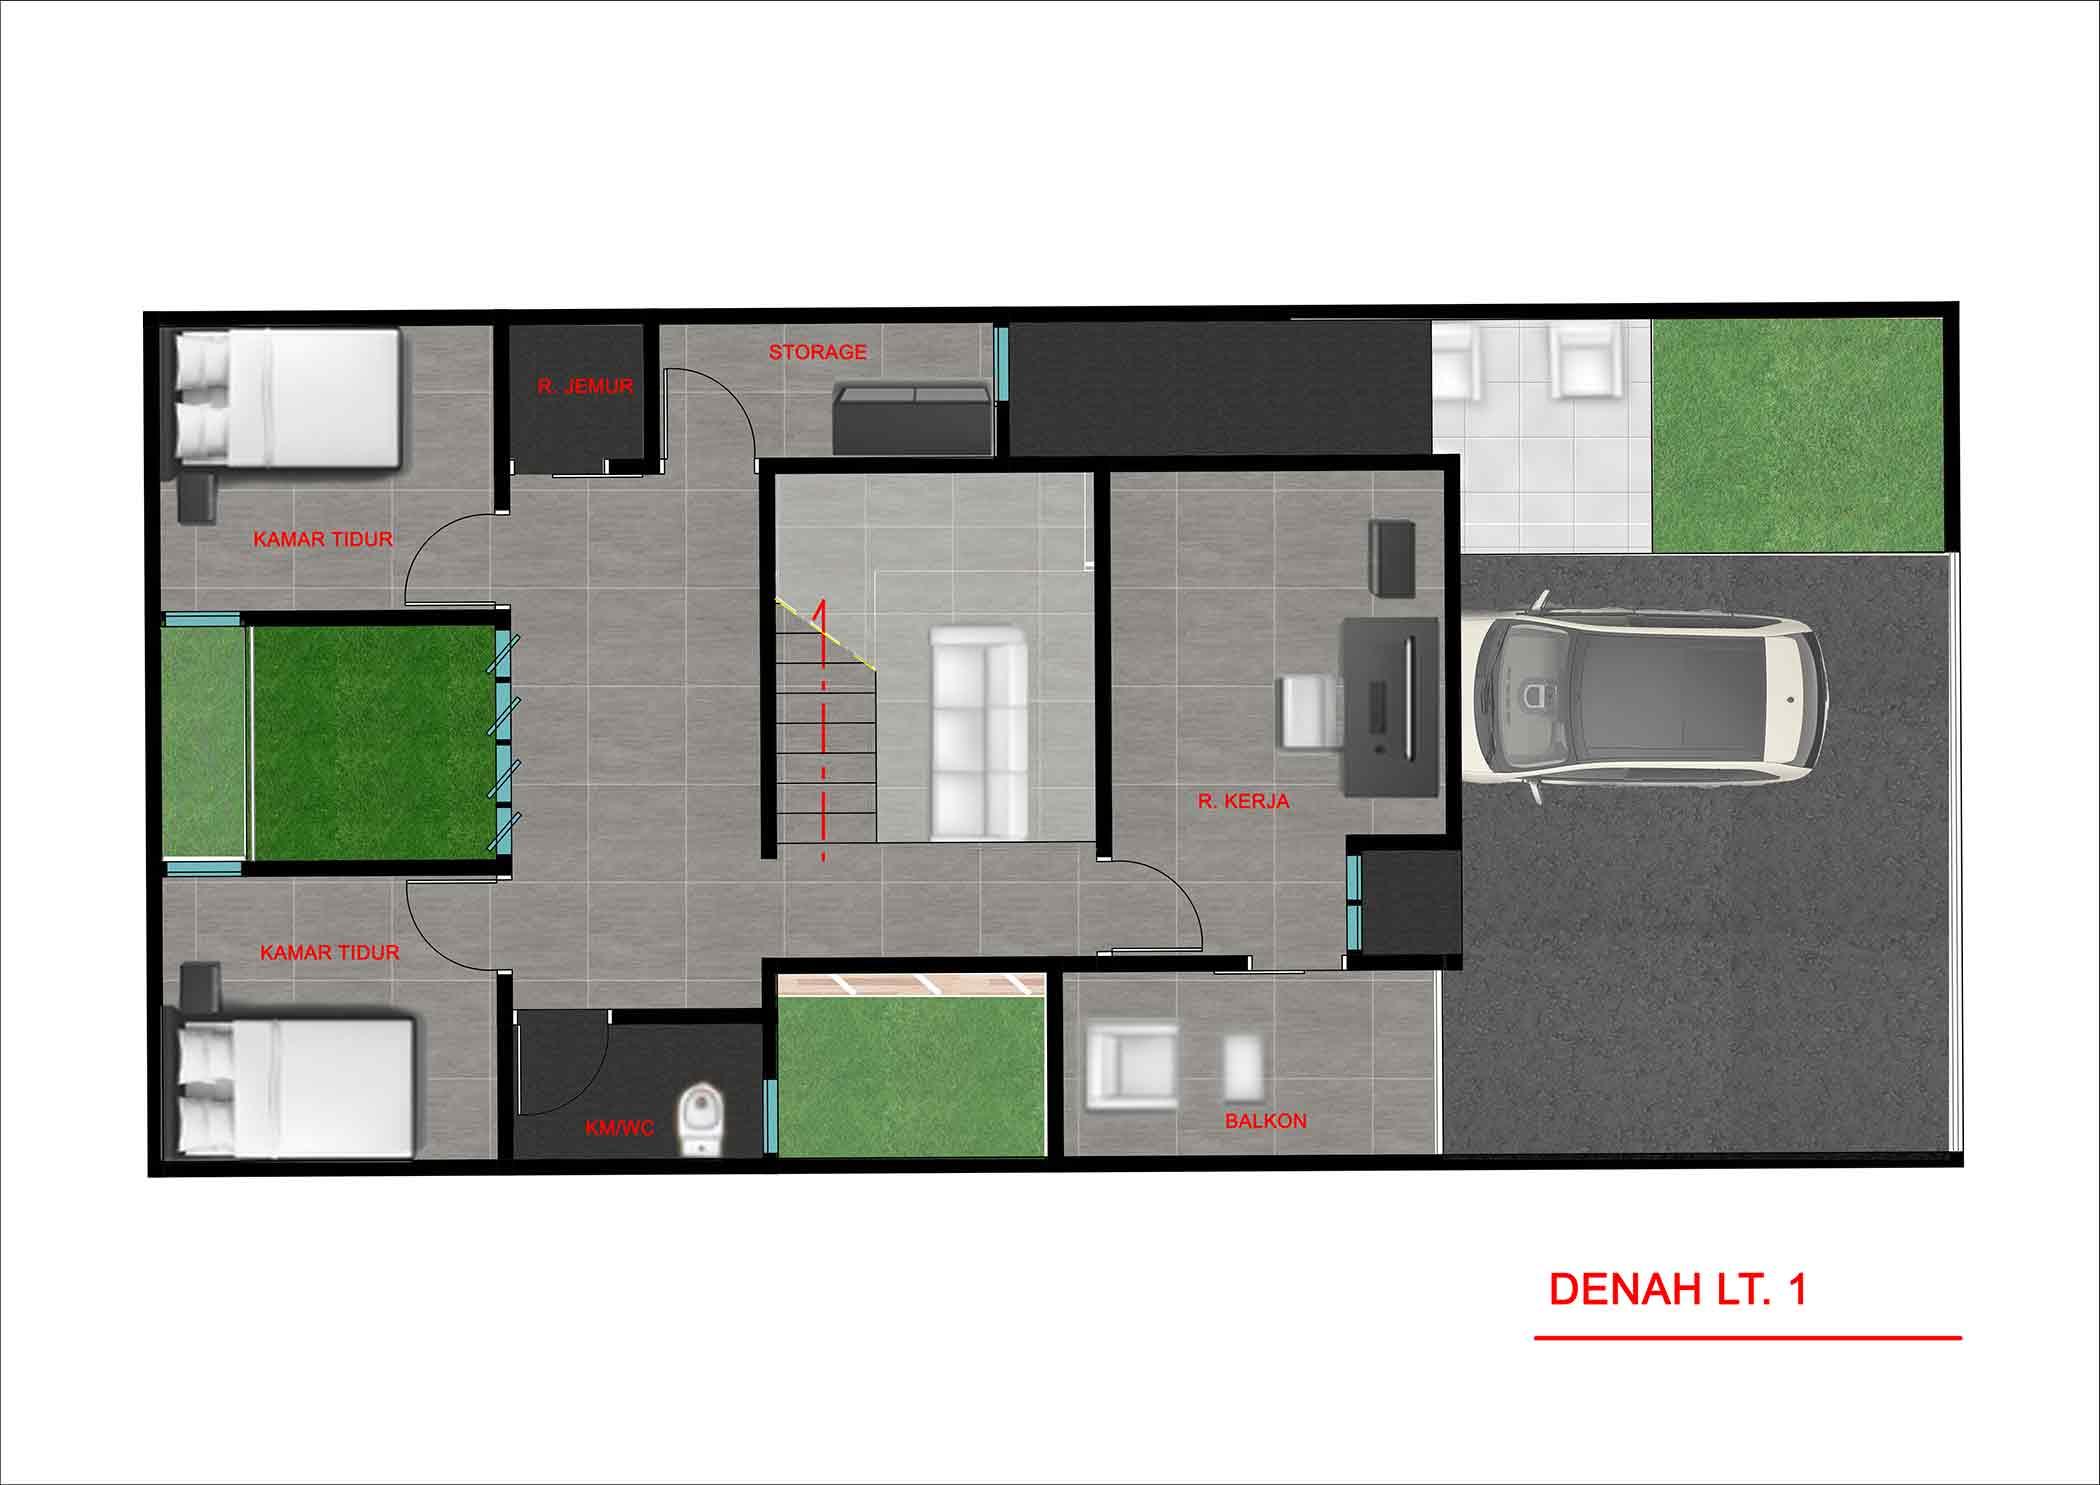 Denah lantai dua // Kenali's Studio